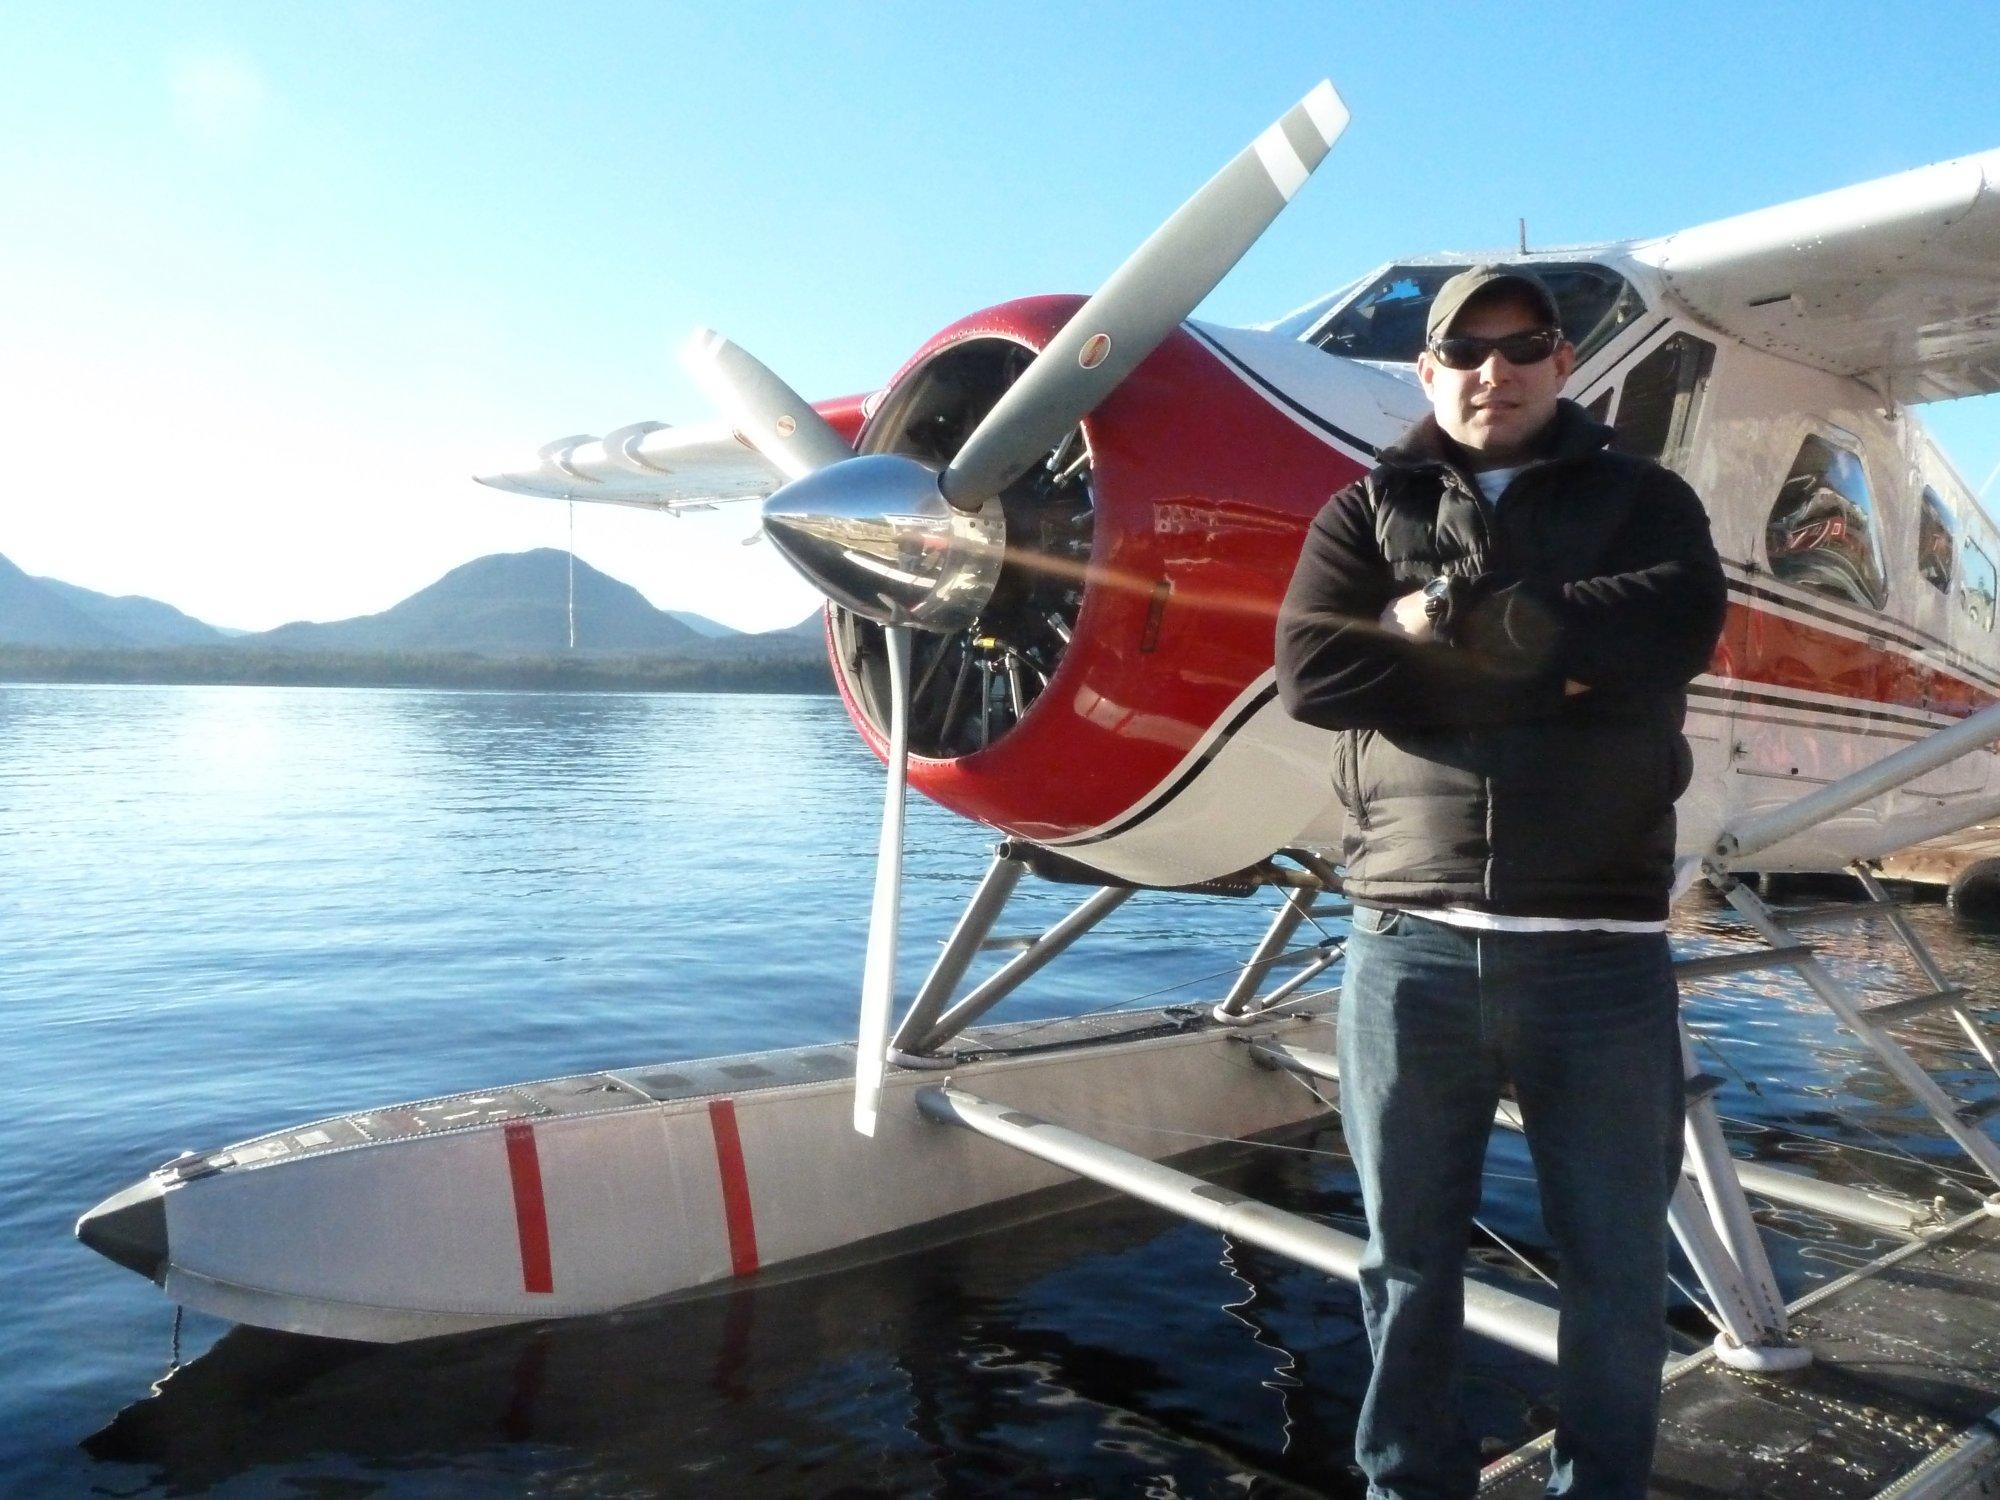 Mother, newlyweds among 6 killed after Alaska planes crash